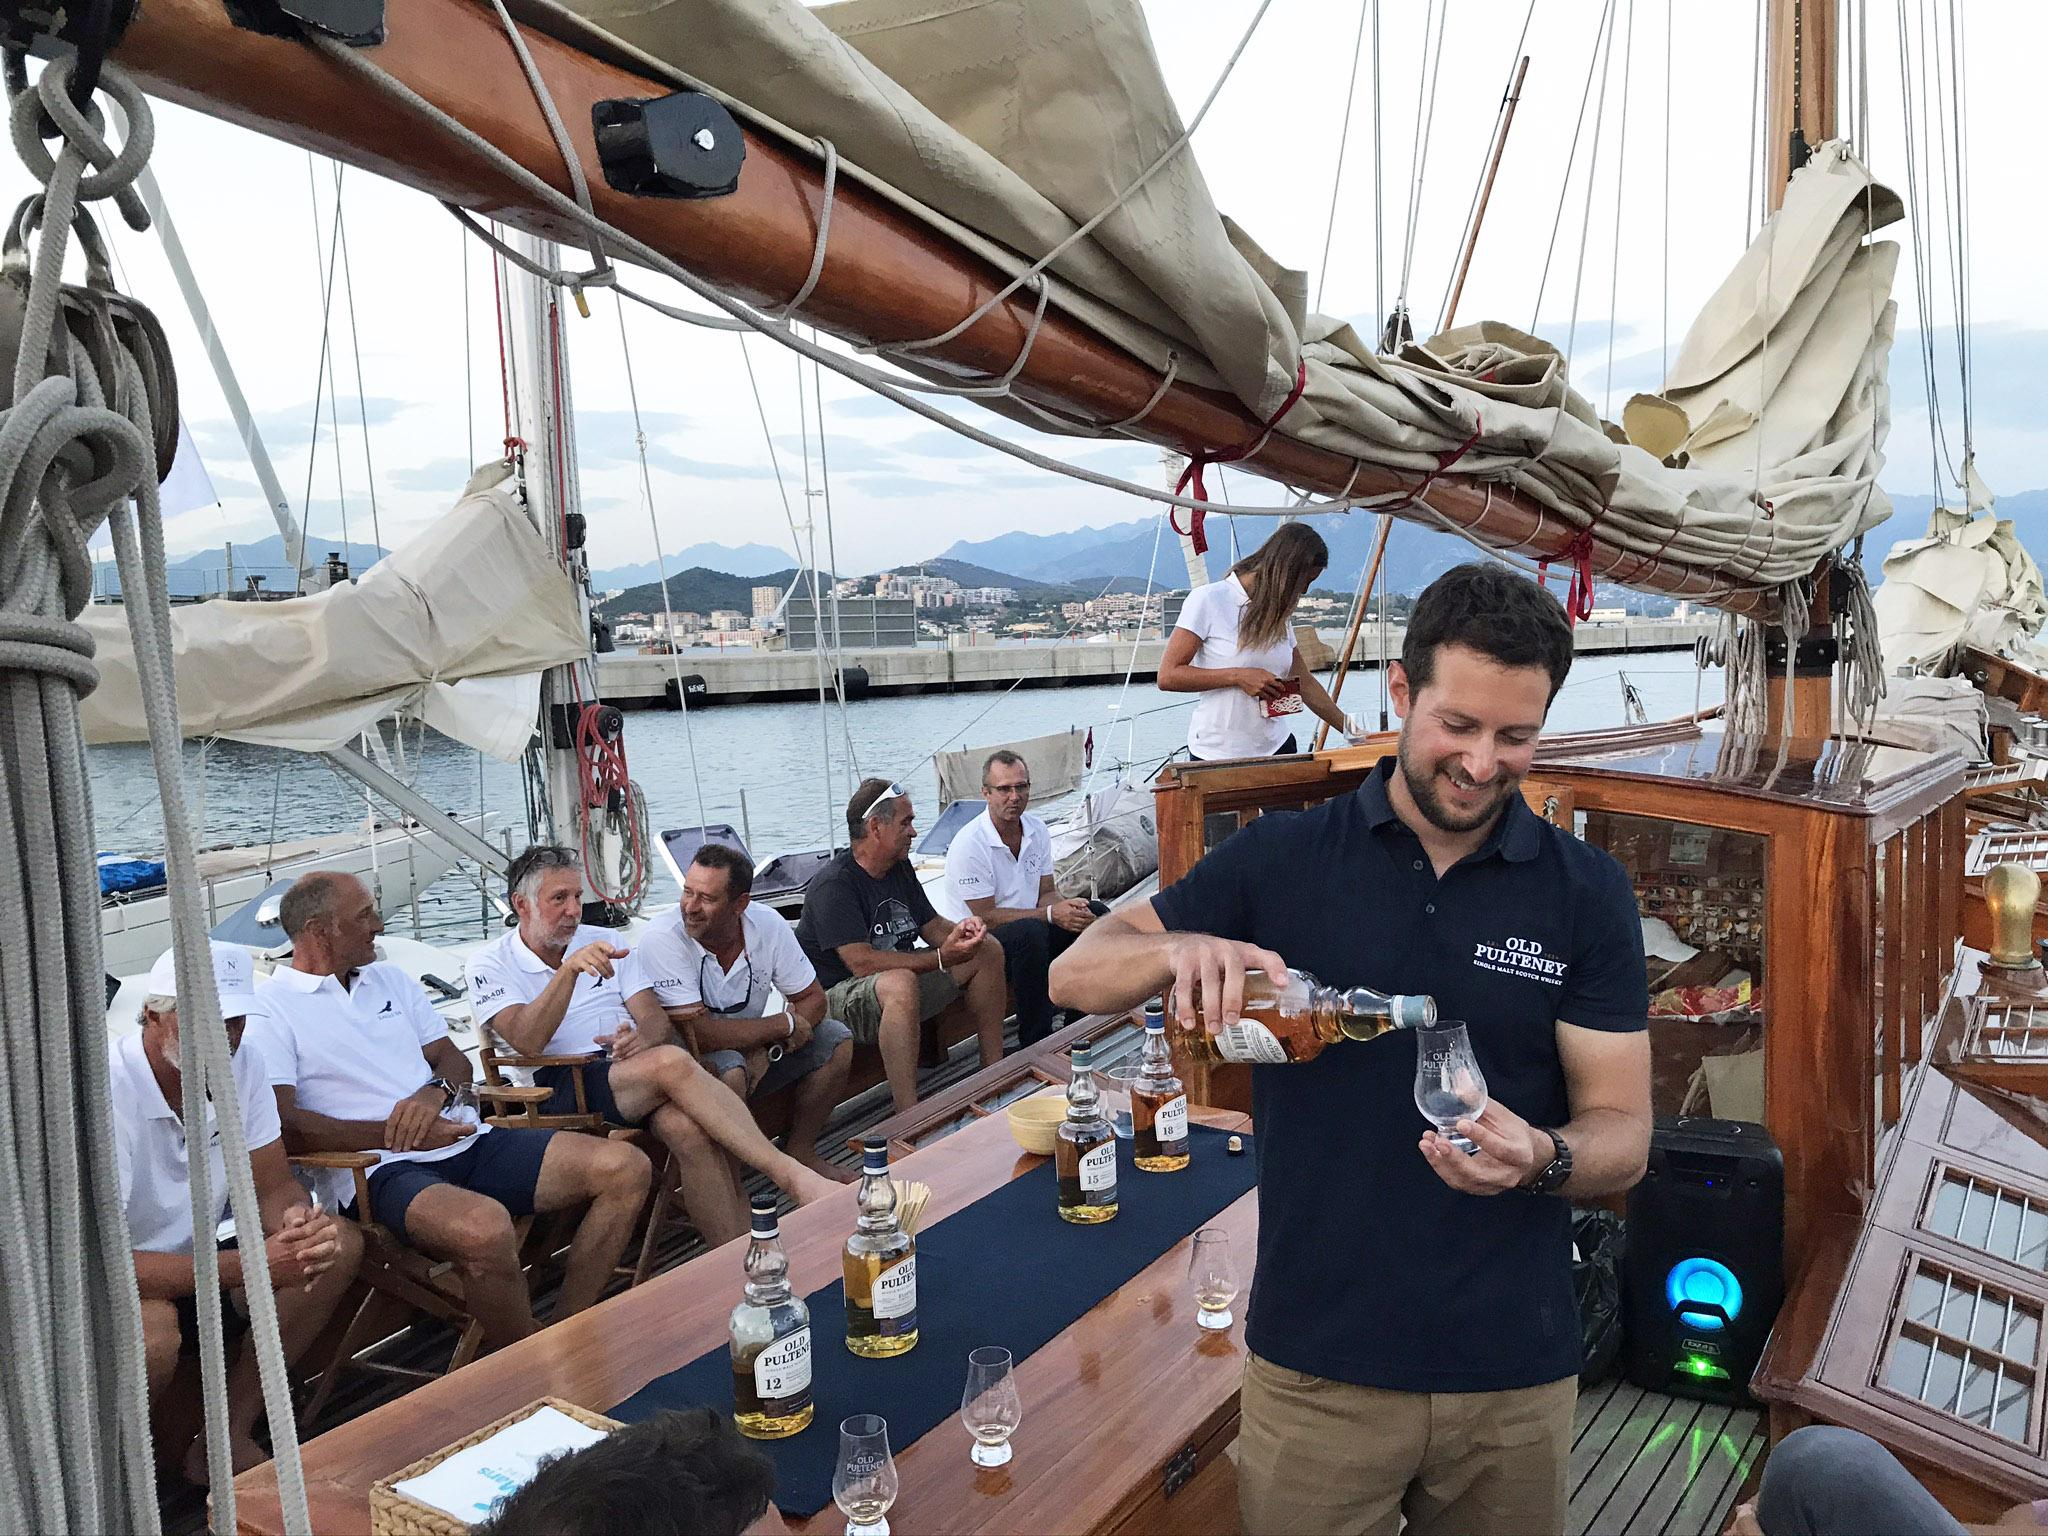 Régates Napoléon 2020 Sy Hygie master class Old Pulteney photo Thibaud Assante DR